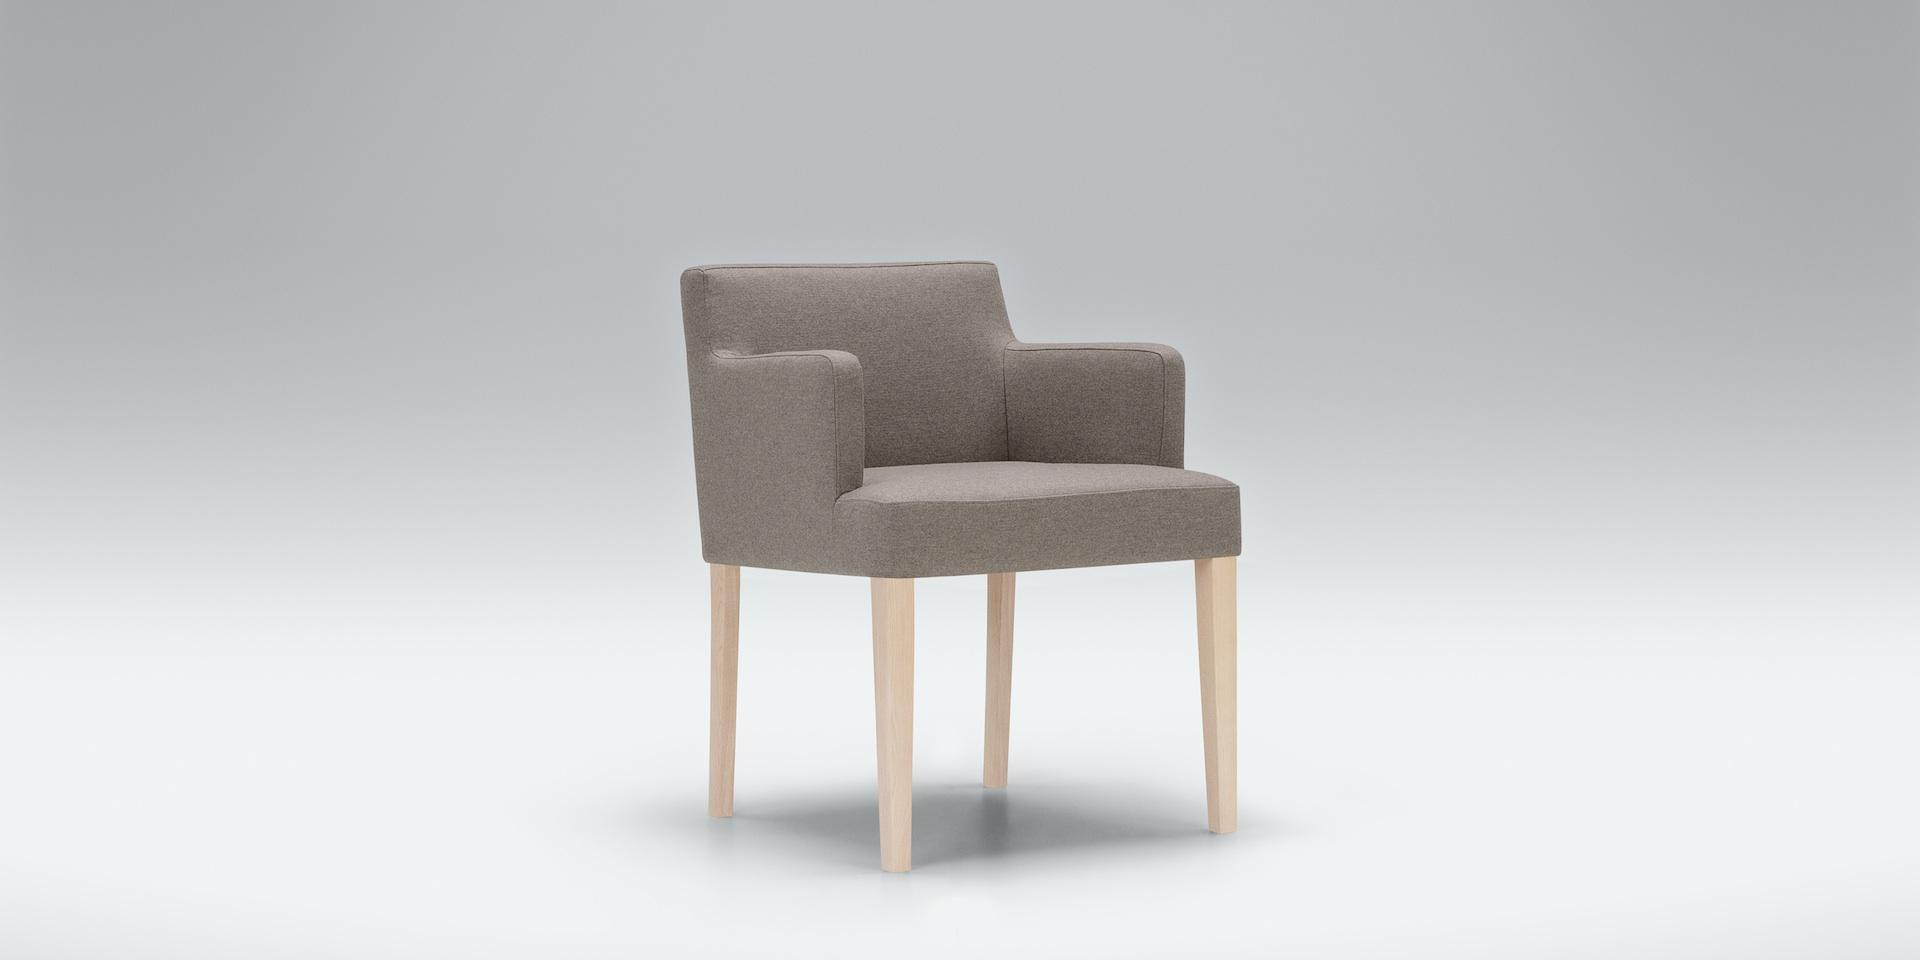 LINN_shadow_chair_country9_stone_2jpg